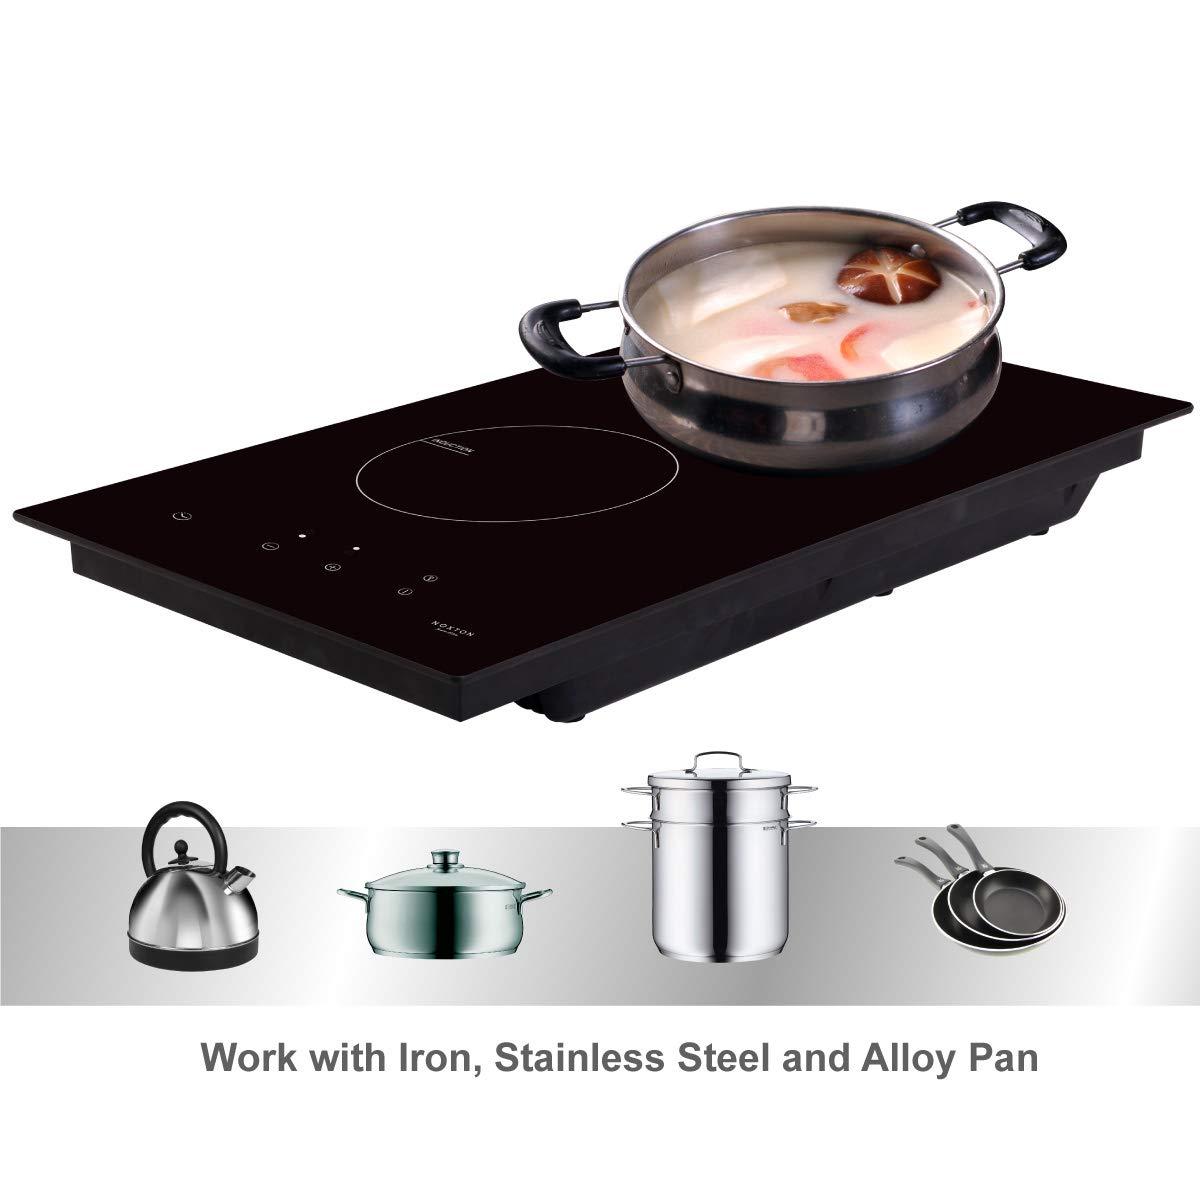 NOXTON Placas de Inducción Vidrio Negro Cocina eléctrica integrada de 2 Fuegos Domino con Control táctil del Sensor